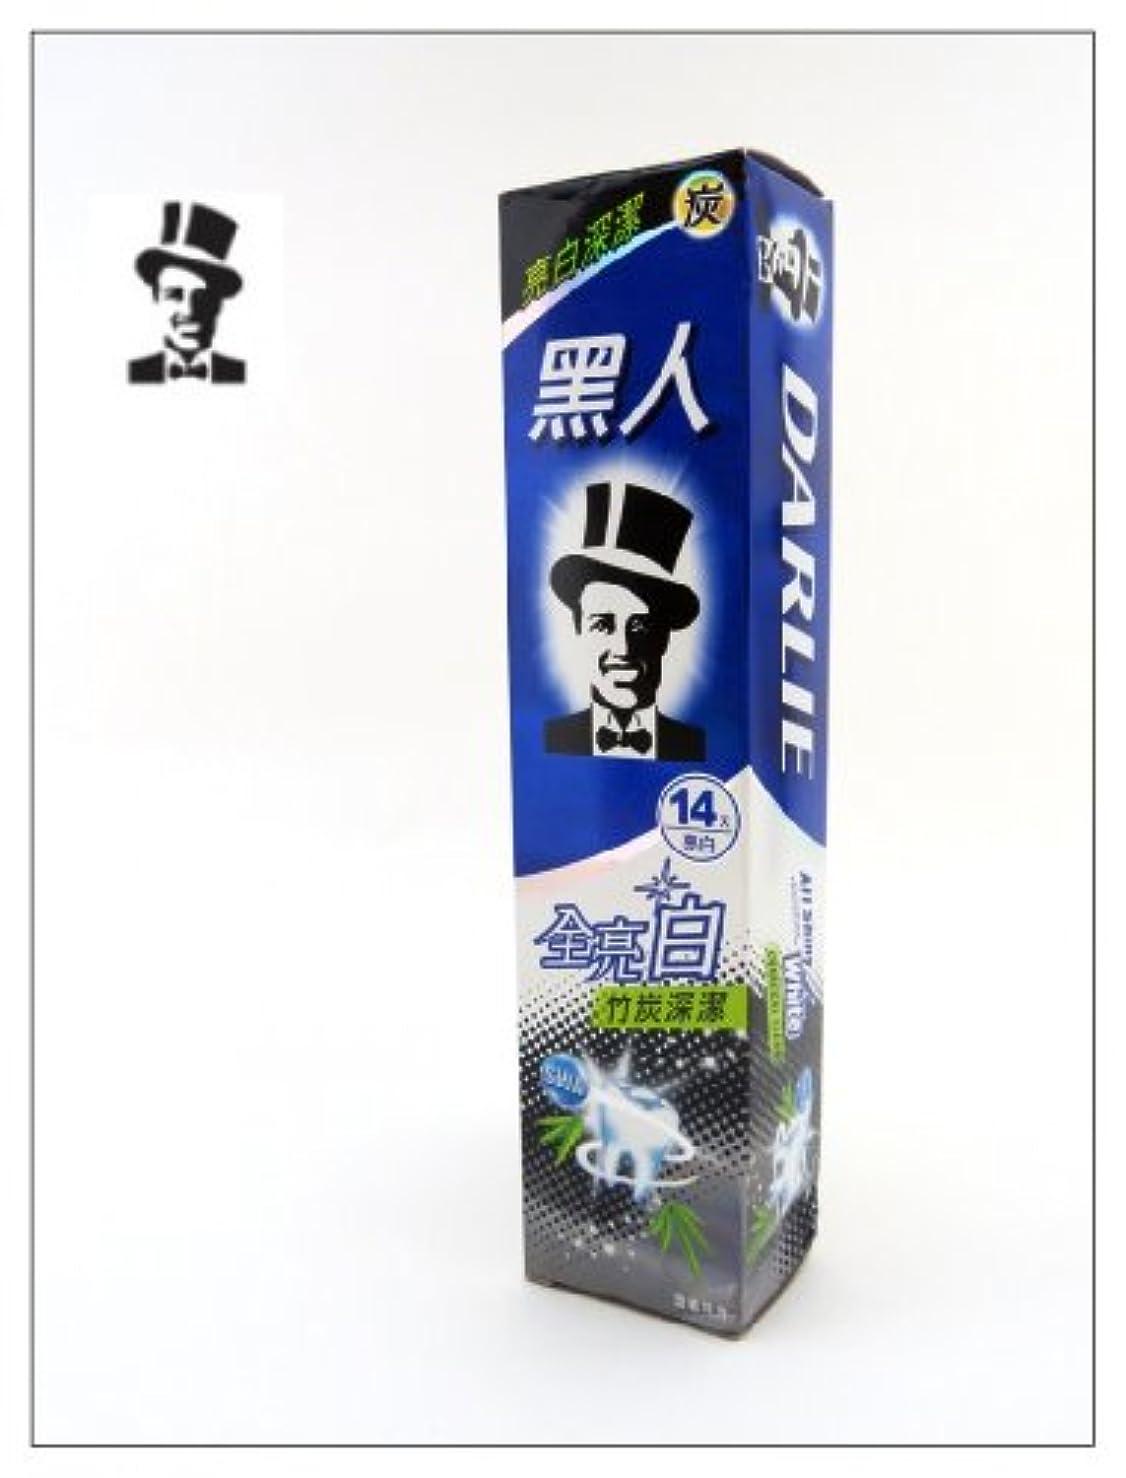 与えるアクティブお願いします黒人 歯磨き 全亮白竹炭深潔 140g 台湾製